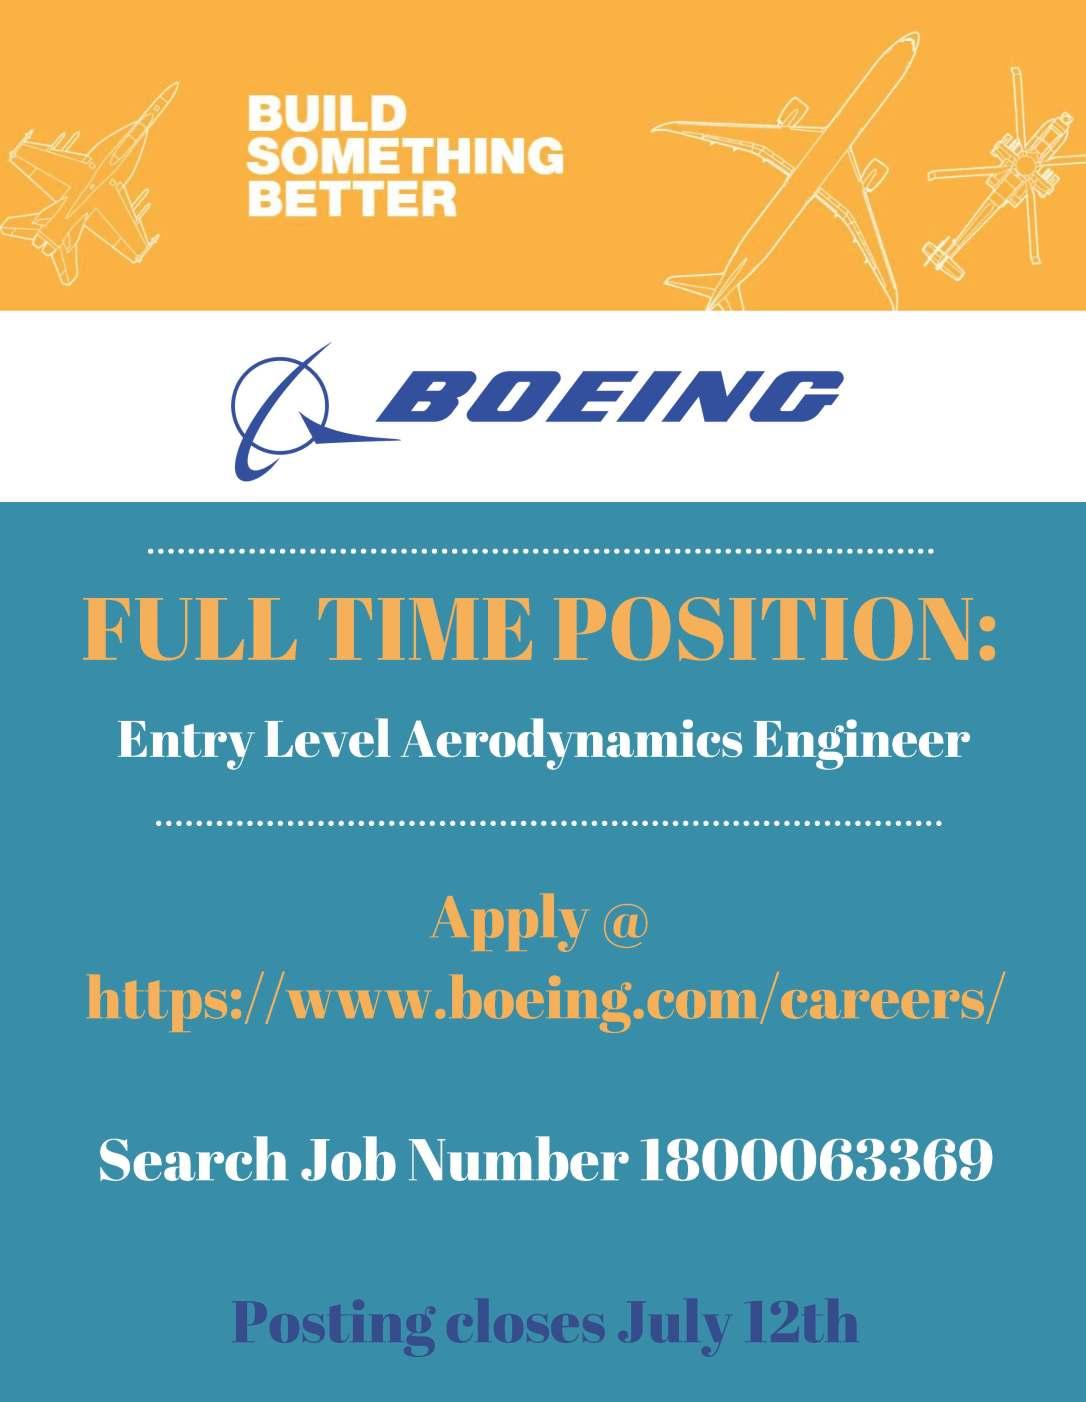 Boeing Full-Time Aerodynamics Engineer.jpg